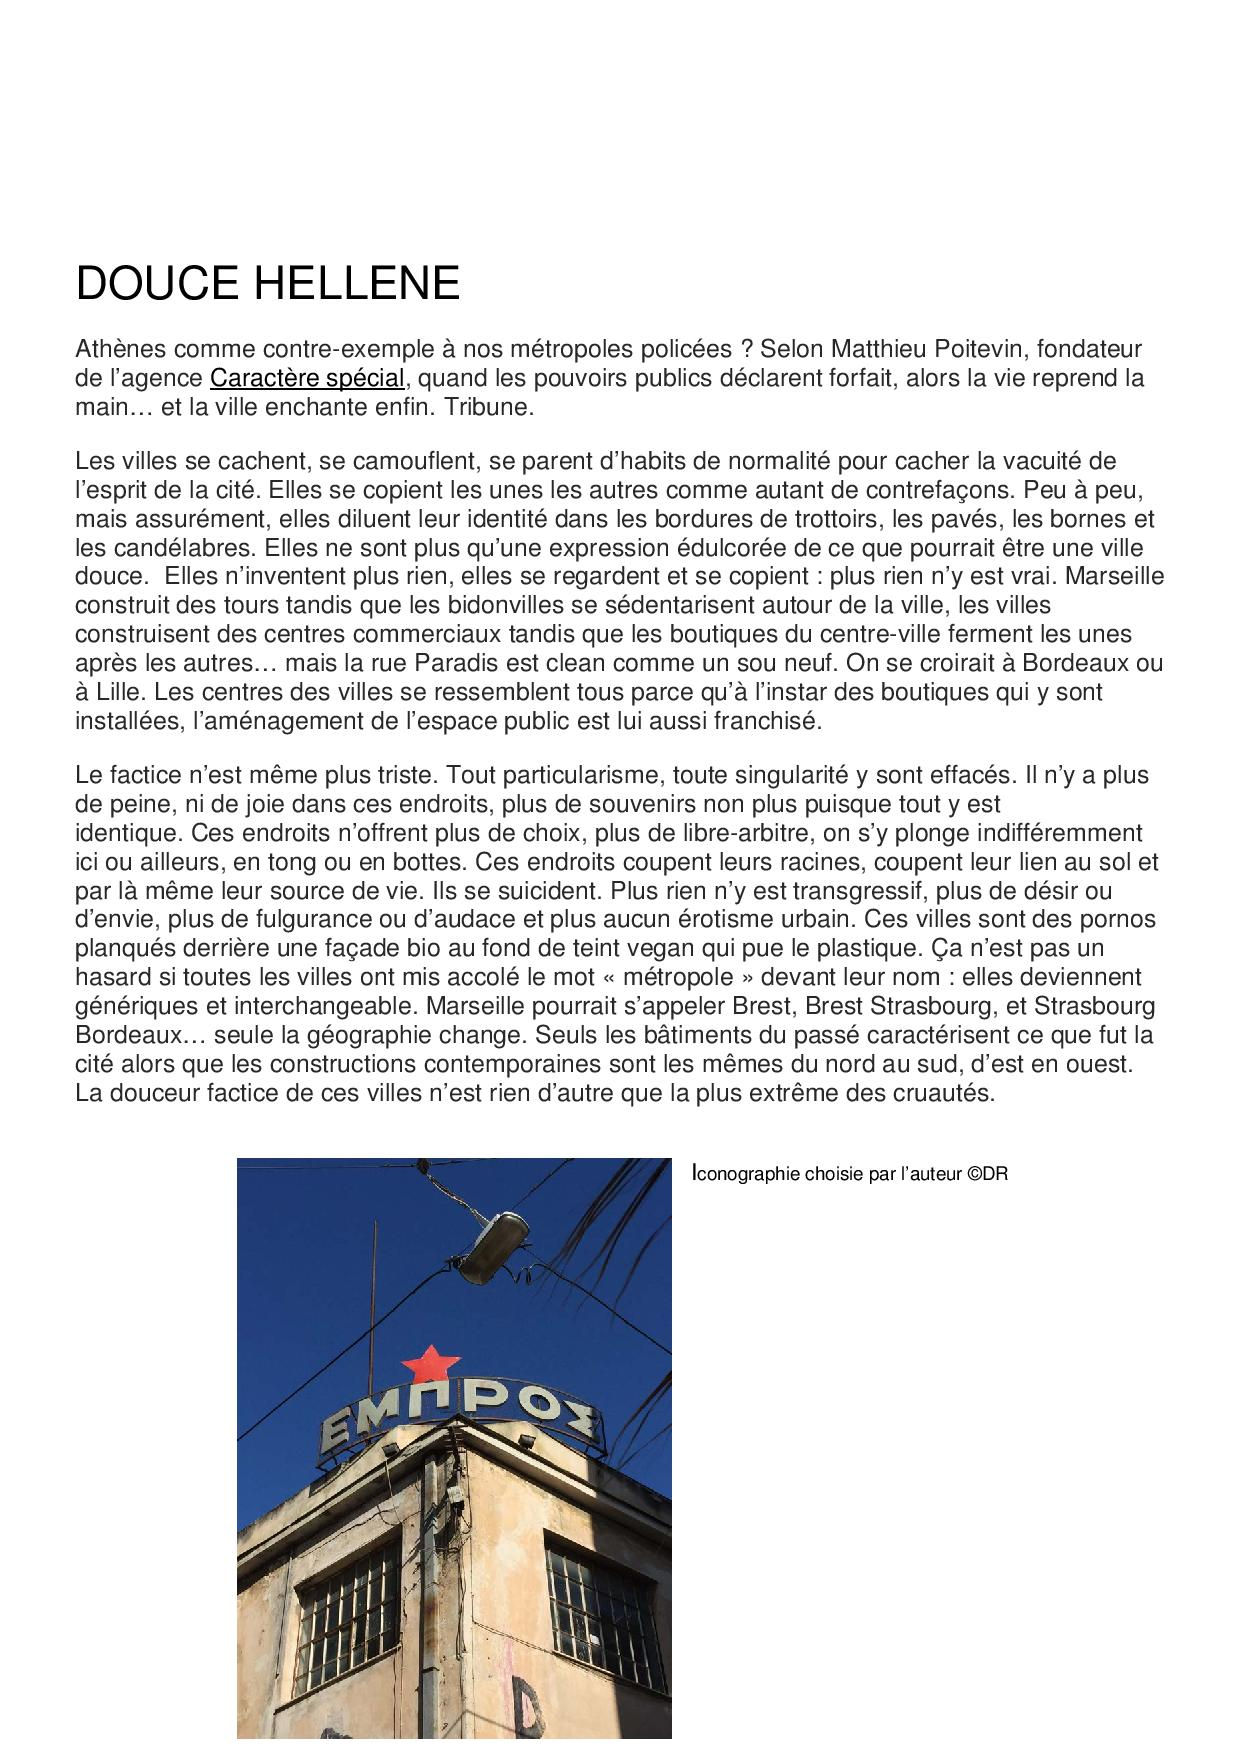 Douce Hellene - Textes & Tribunes - Matthieu-Poitevin Architecture - Caractère Spécial